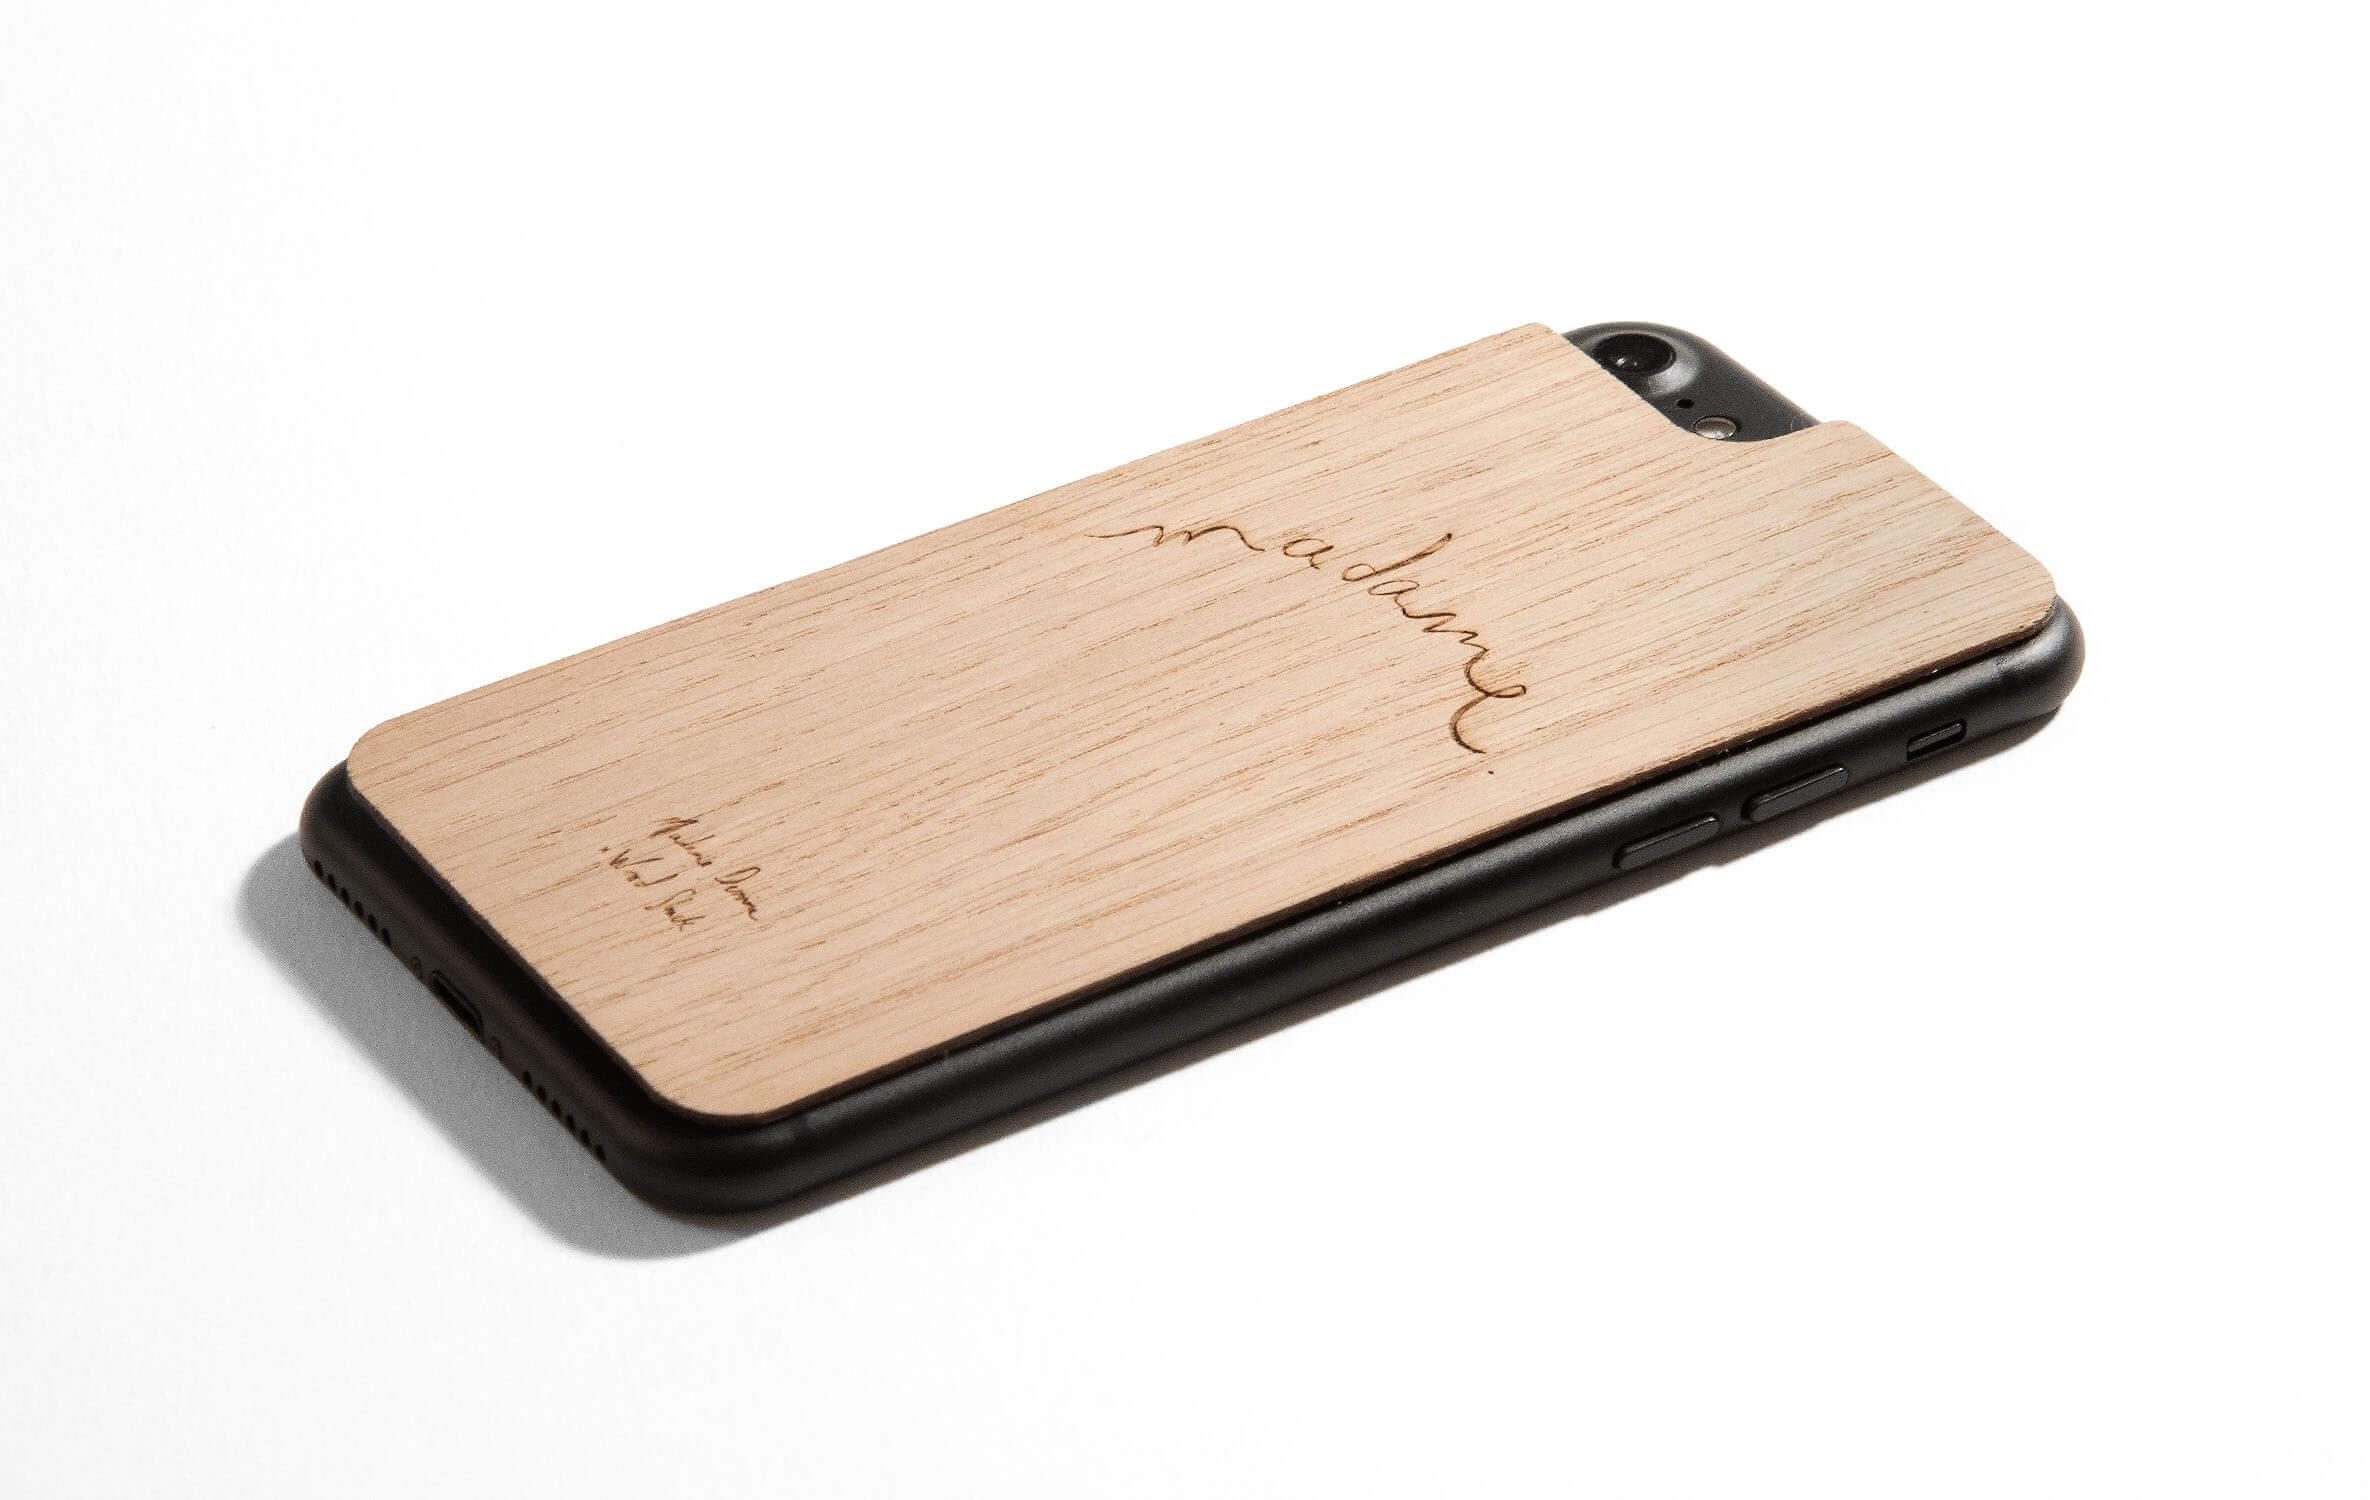 coque bois iphone 7 plus